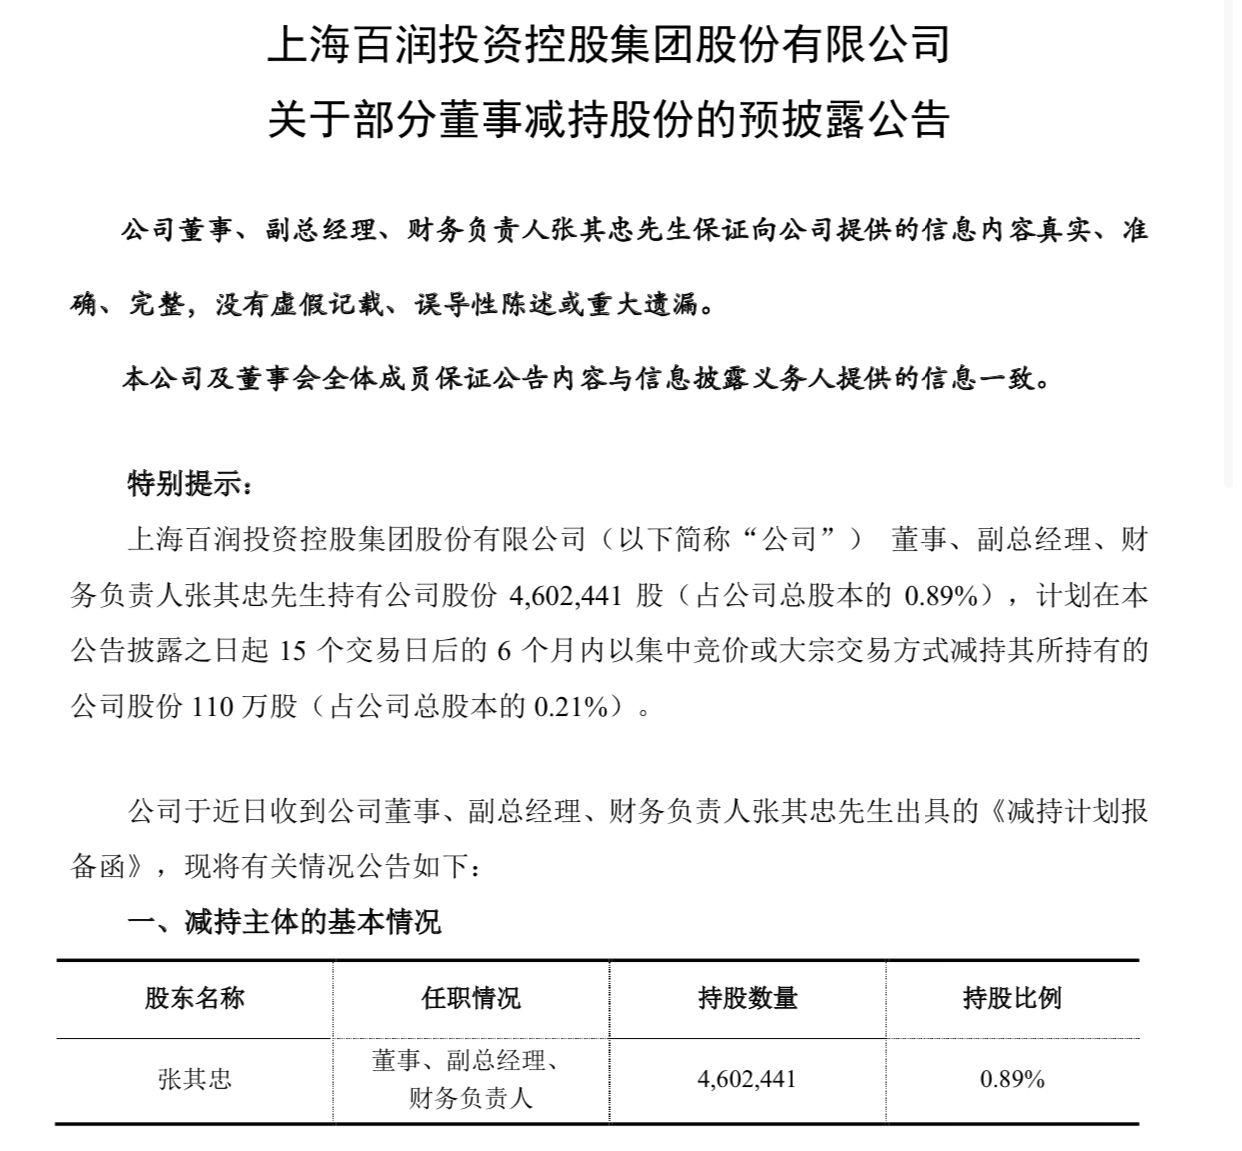 百润股份副总经理拟减持110万股,称因个人资金所需图片